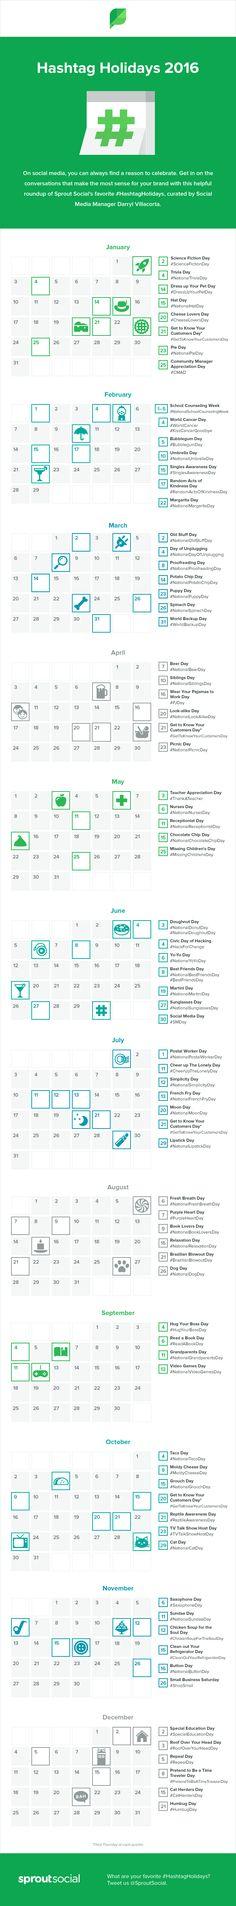 """Hola: Una infografía con un Calendario de Hashtags para 2016. Un saludo """"Hashtag Holidays 2016 Calendar"""" by Sprout Social"""